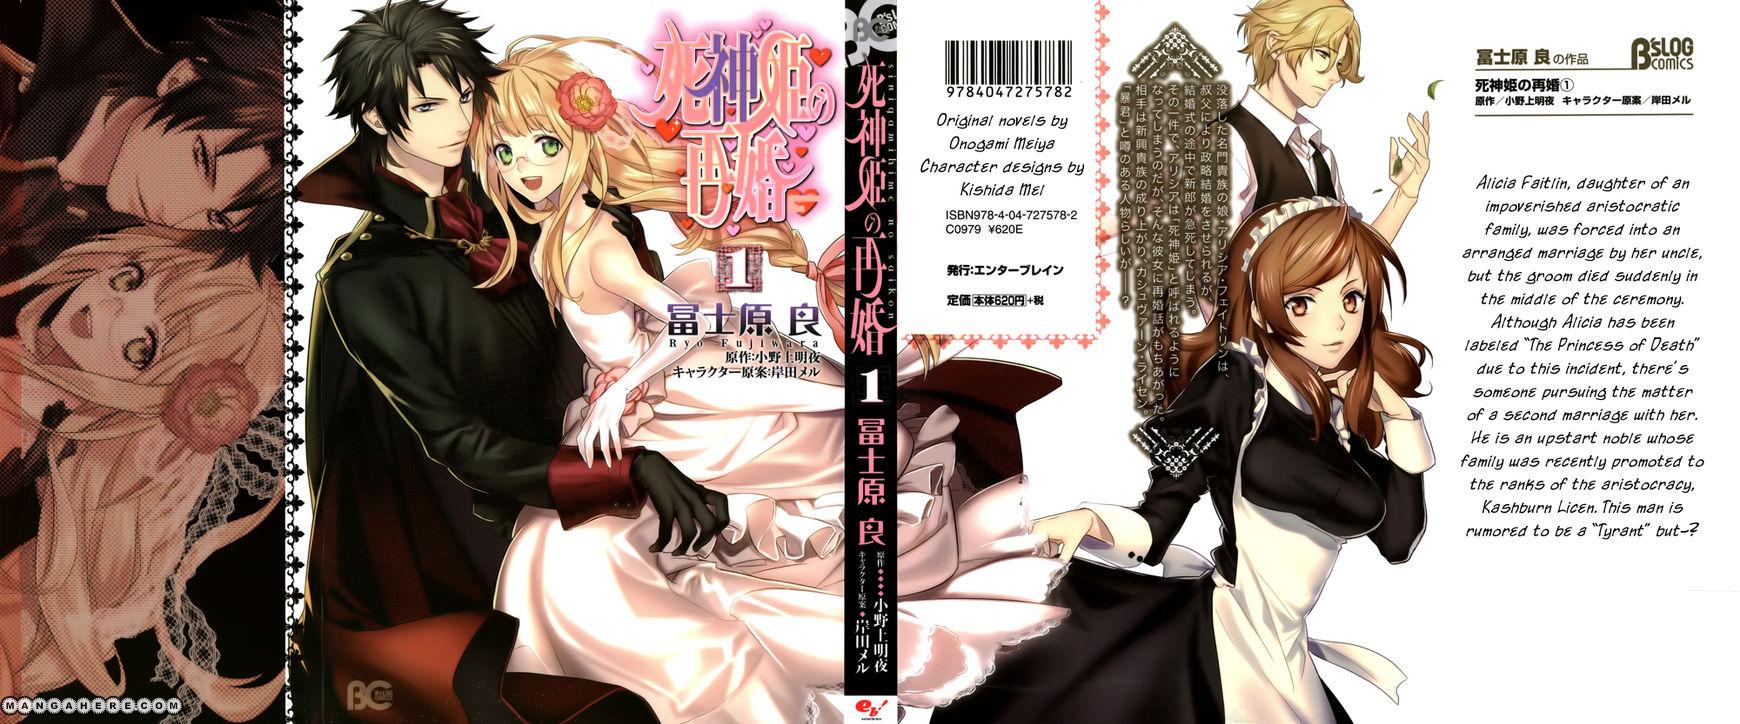 Shinigami Hime no Saikon 0 Page 2